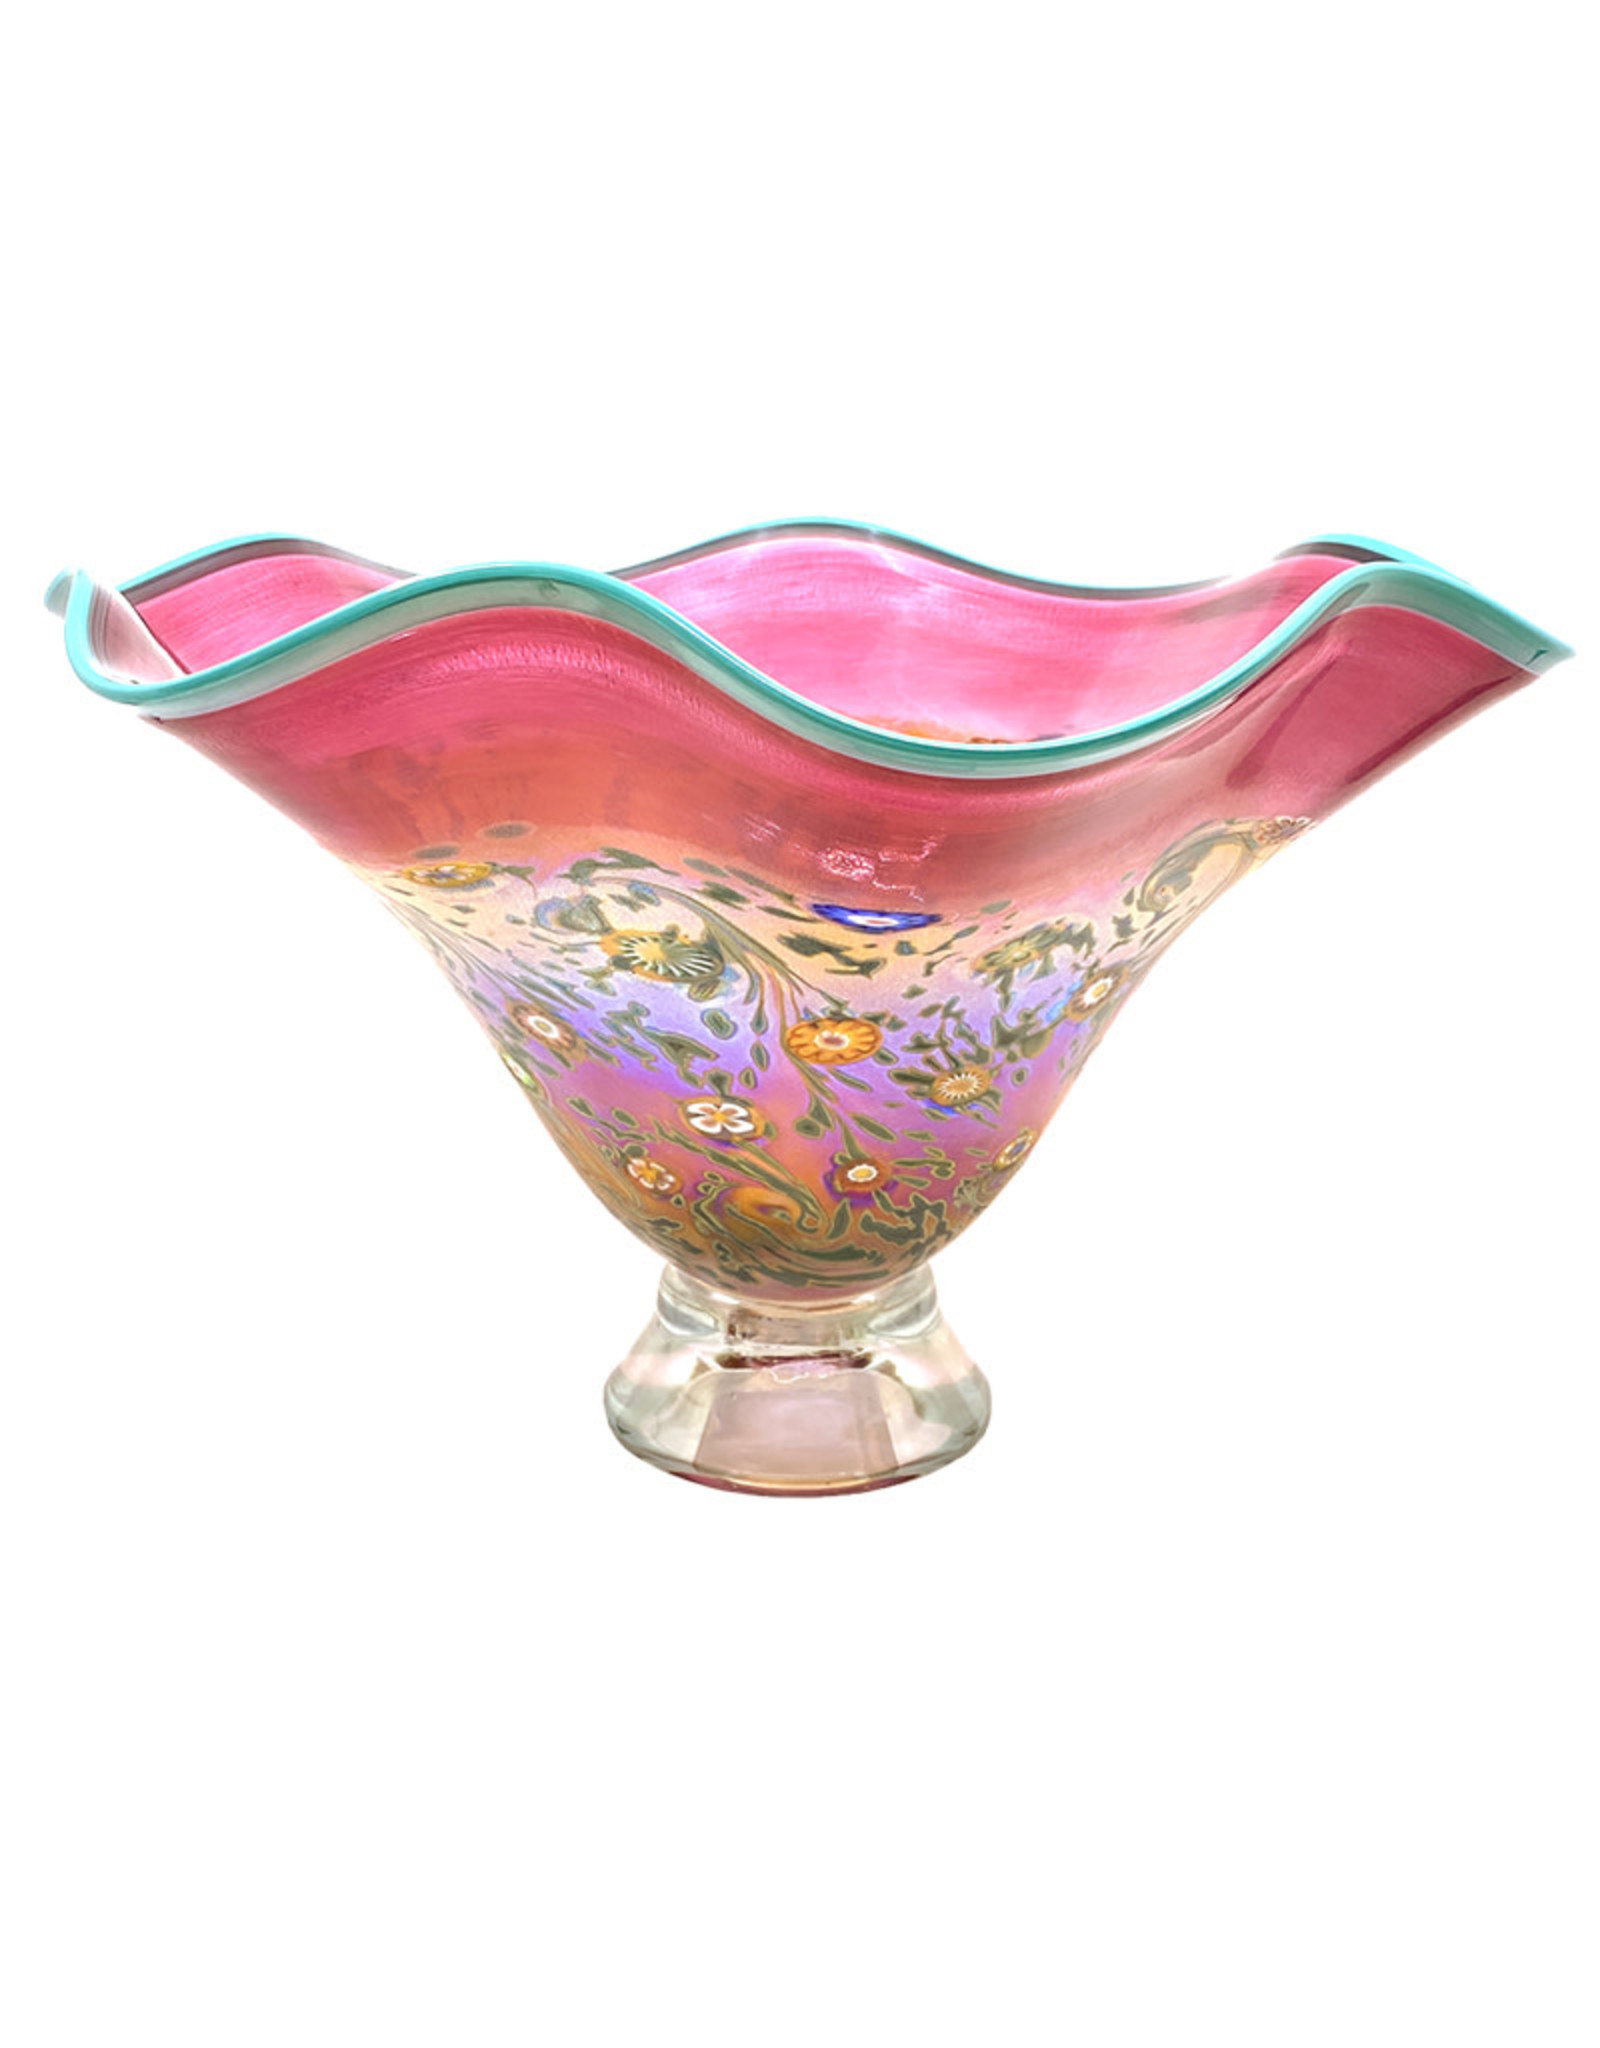 HANSON & KASTLES ART GLASS FLUTED RUBY MONET BOWL